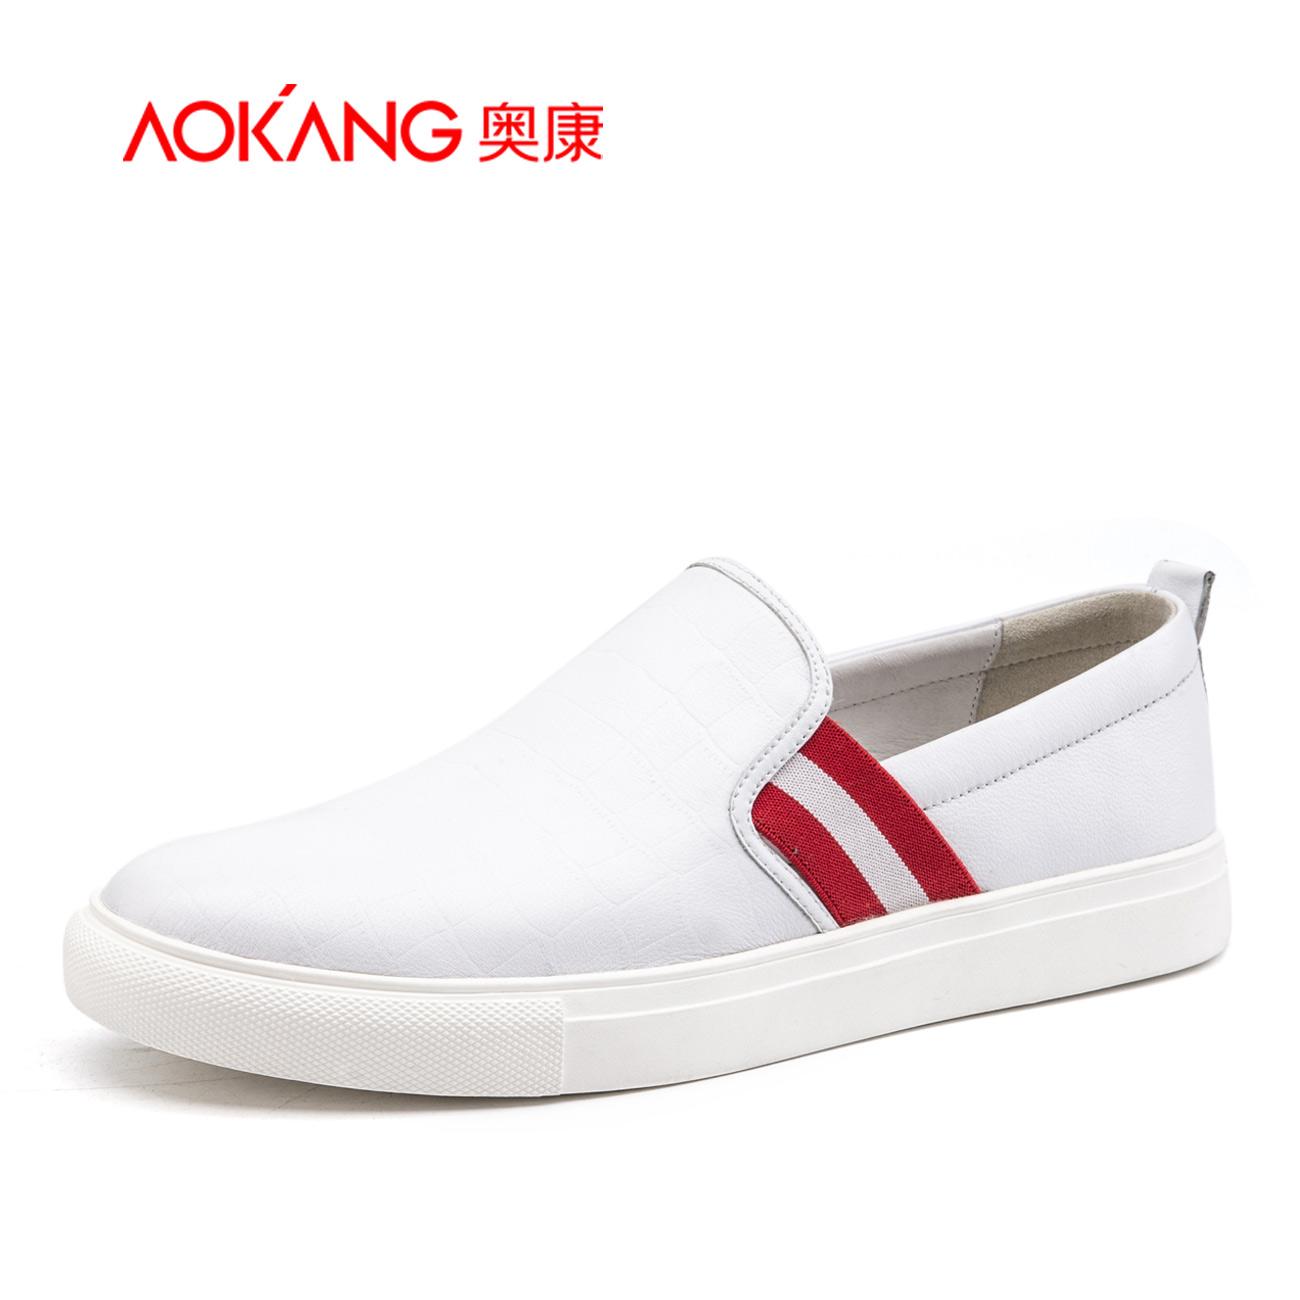 奧康男鞋 新款拼色真皮套腳簡約防滑青年男士休閒鞋樂福鞋潮鞋子